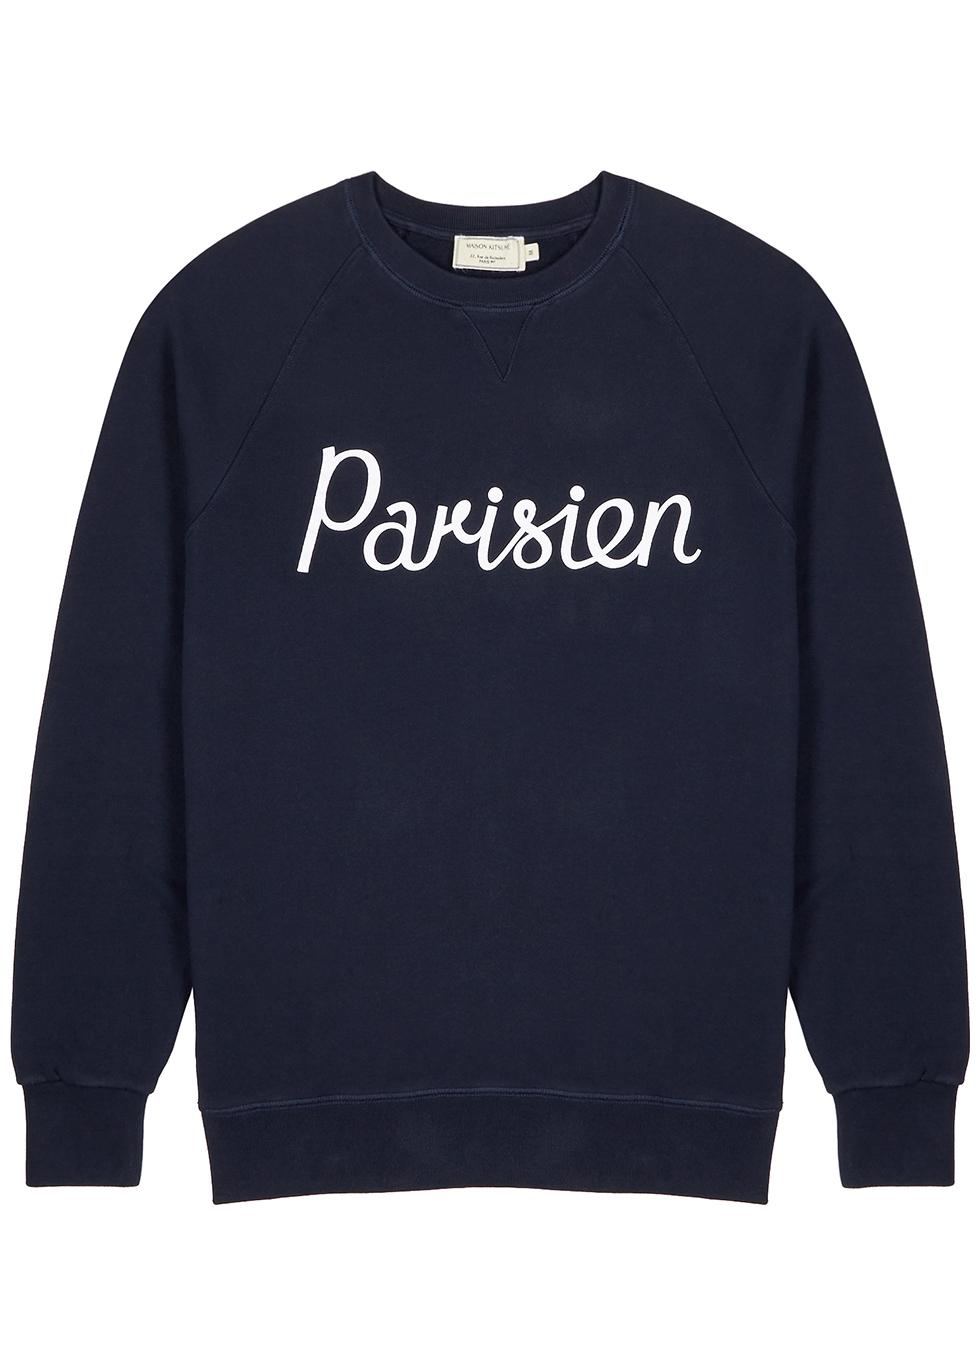 Parisien navy cotton sweatshirt - Maison Kitsuné